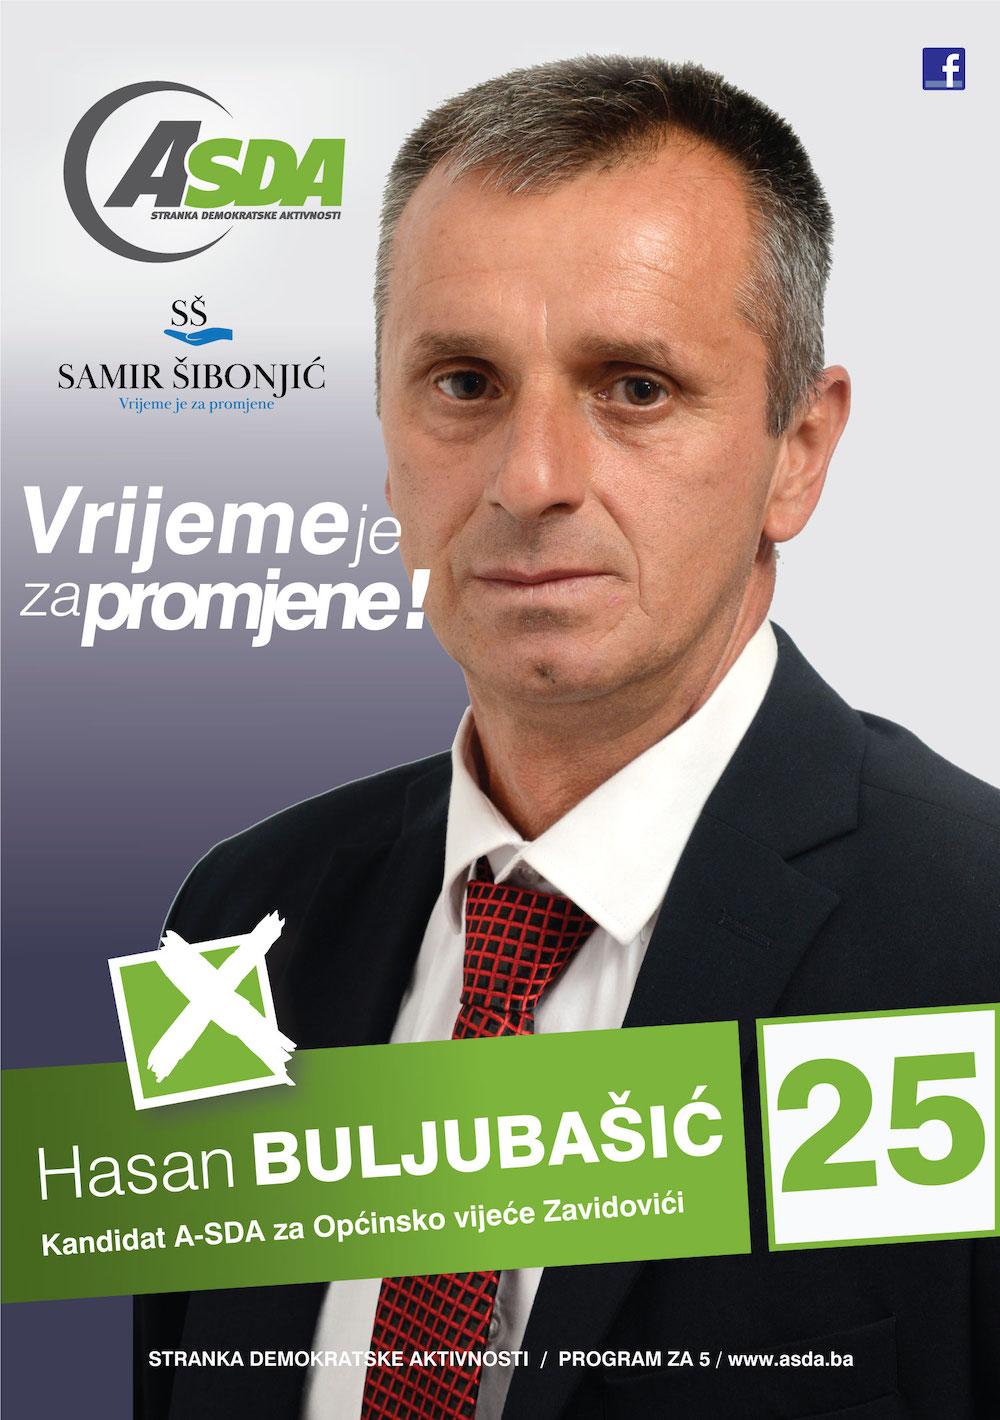 Hasan Buljubašić